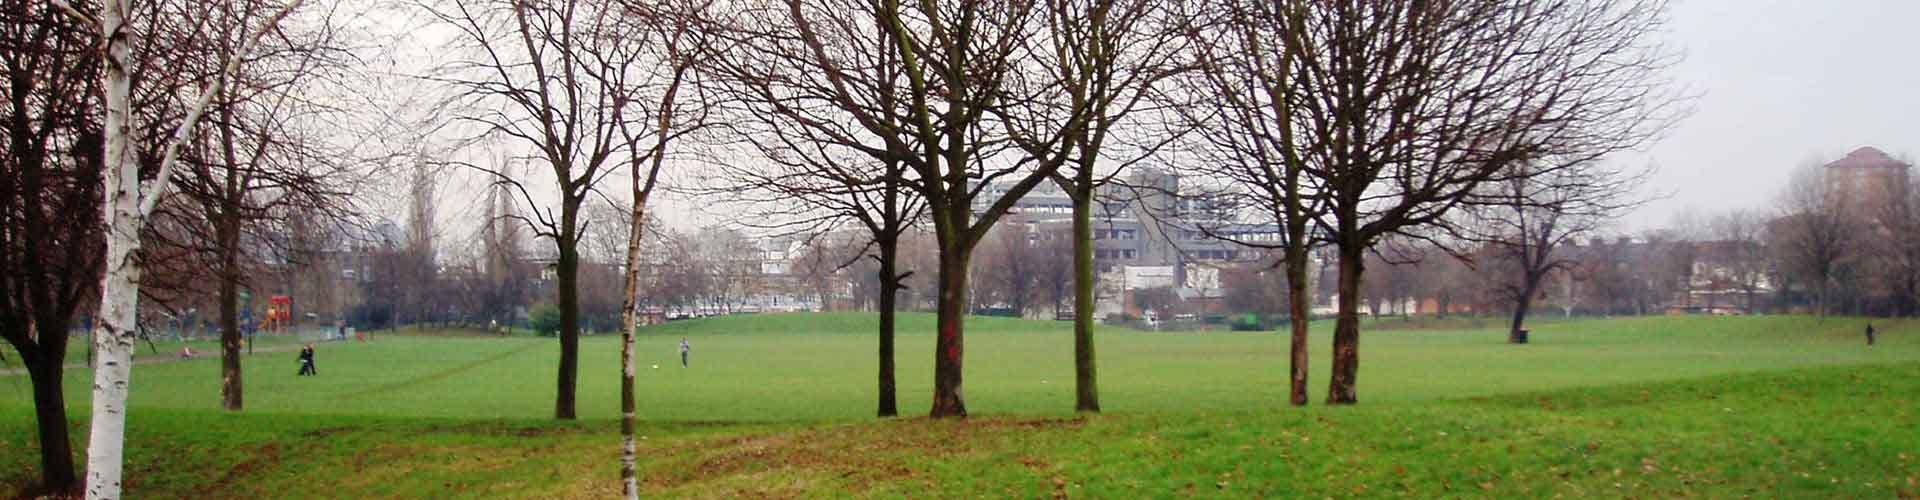 ロンドン – Borough of Lambeth地区のキャンプ場. 地図 ロンドン, すべてのキャンプ場の写真とレビュー ロンドン.